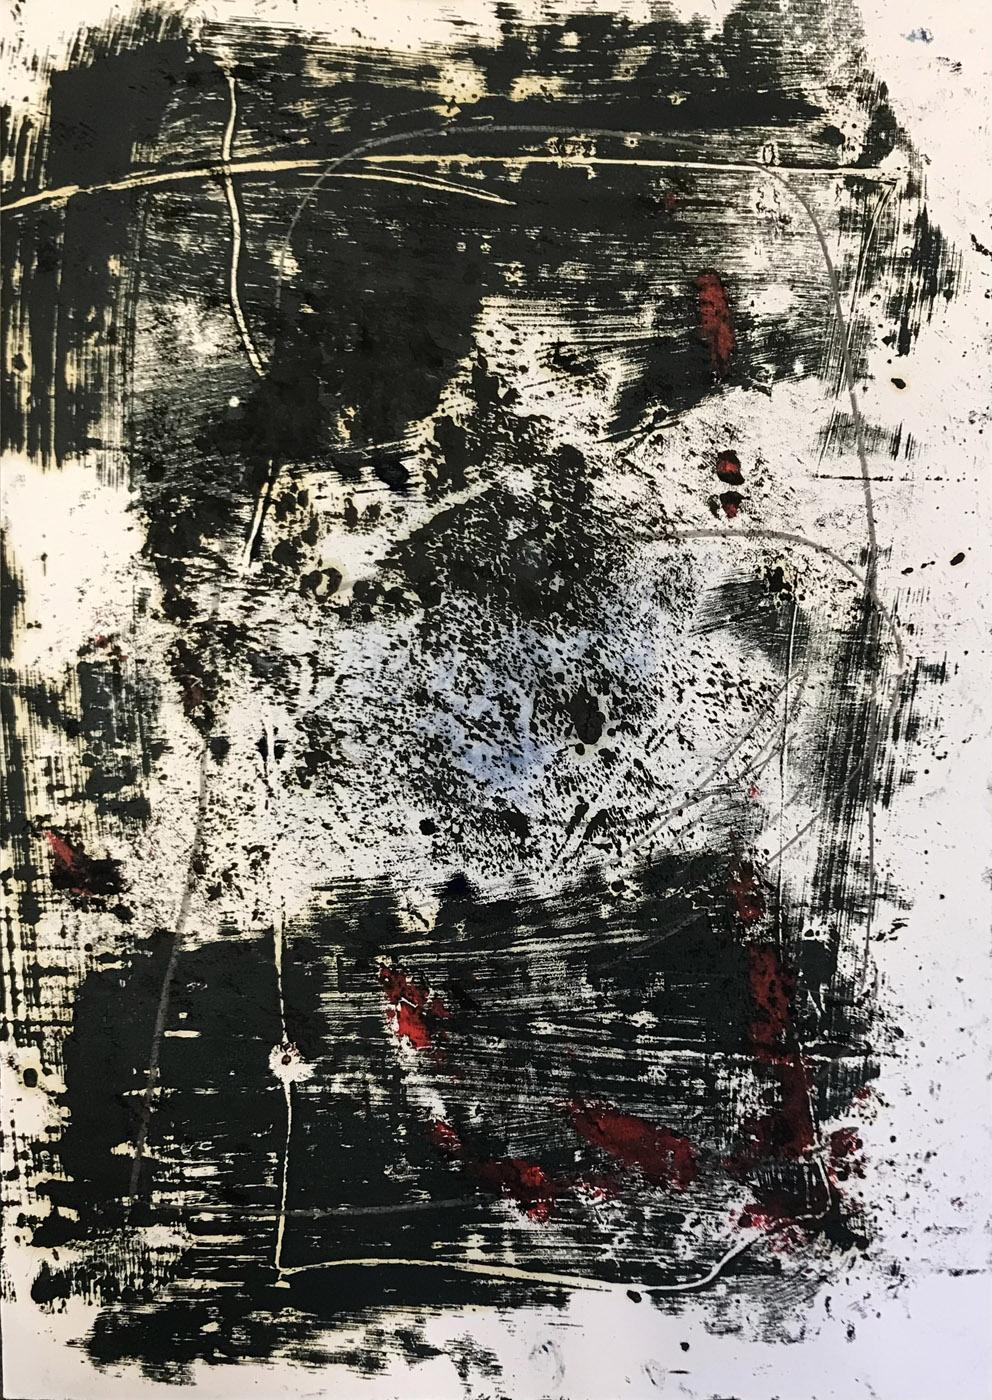 MARC FELD 2020 FRACTION FICTION Huile, pigment et mine de plomb sur papier 50 x 65 cm